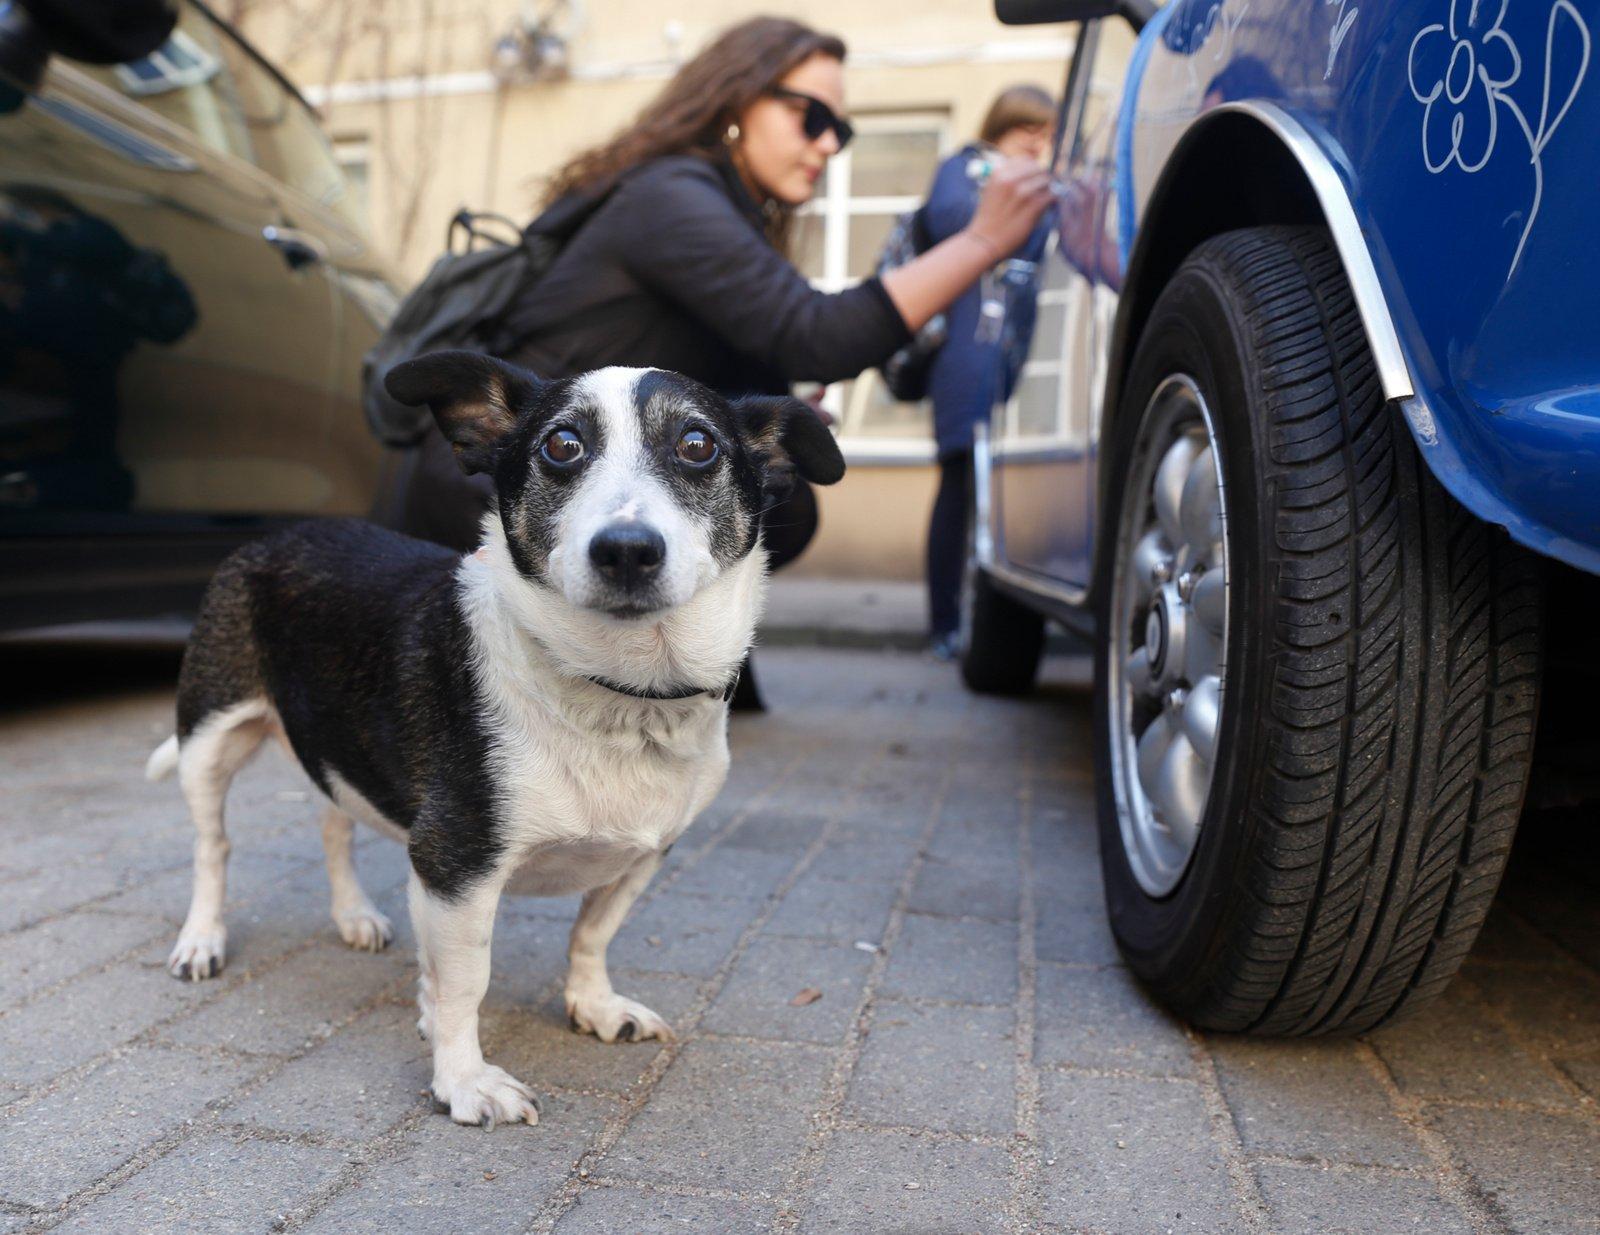 Siūloma įpareigoti veisėjus privalomai ženklinti gyvūnus